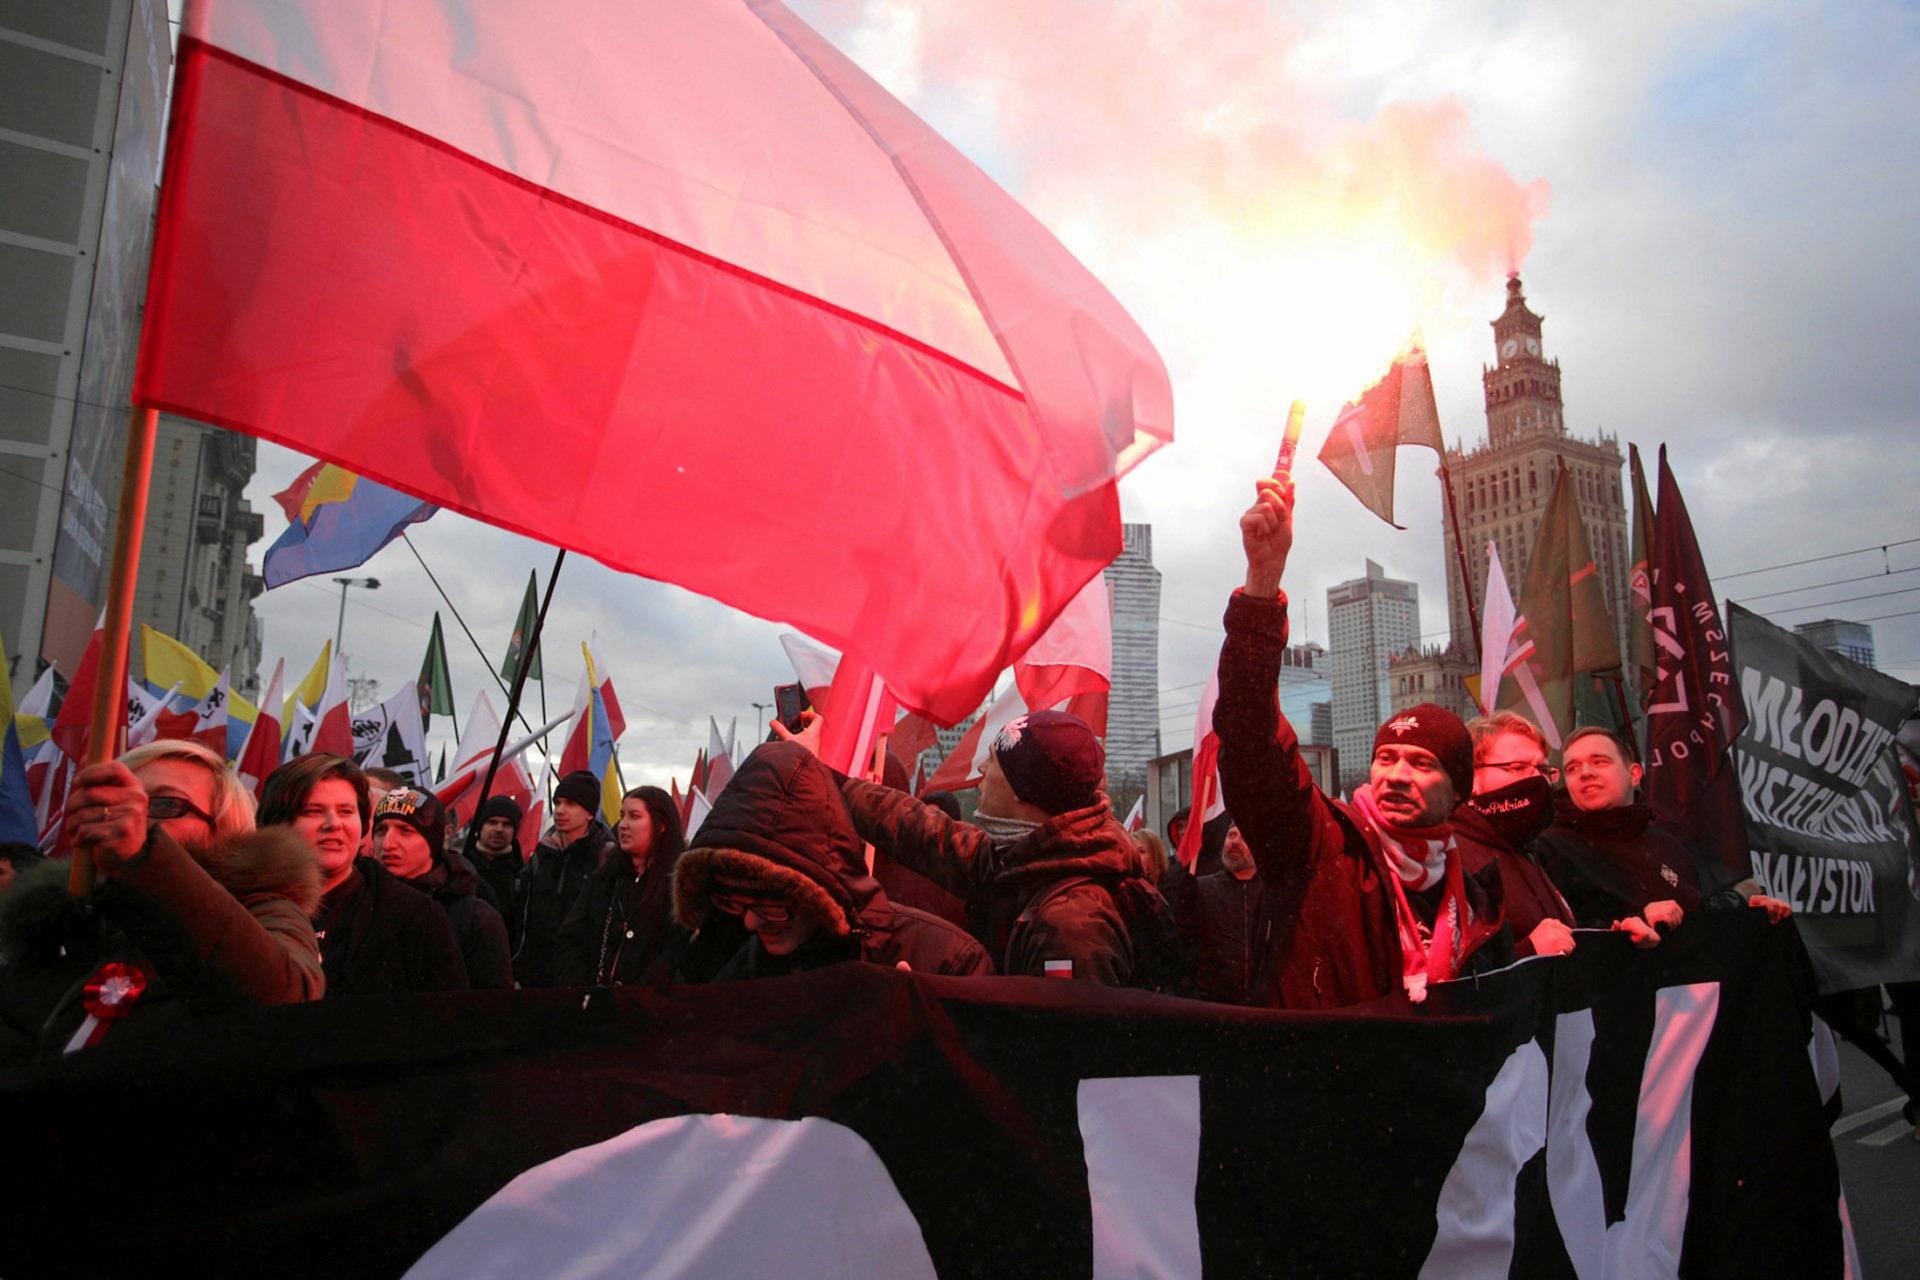 En ediciones anteriores, en 2013 y 2014, la marcha se saldó con enfrentamientos entre grupos nacionalistas y de extrema izquierda, con decenas de detenidos y disturbios hasta la madrugada